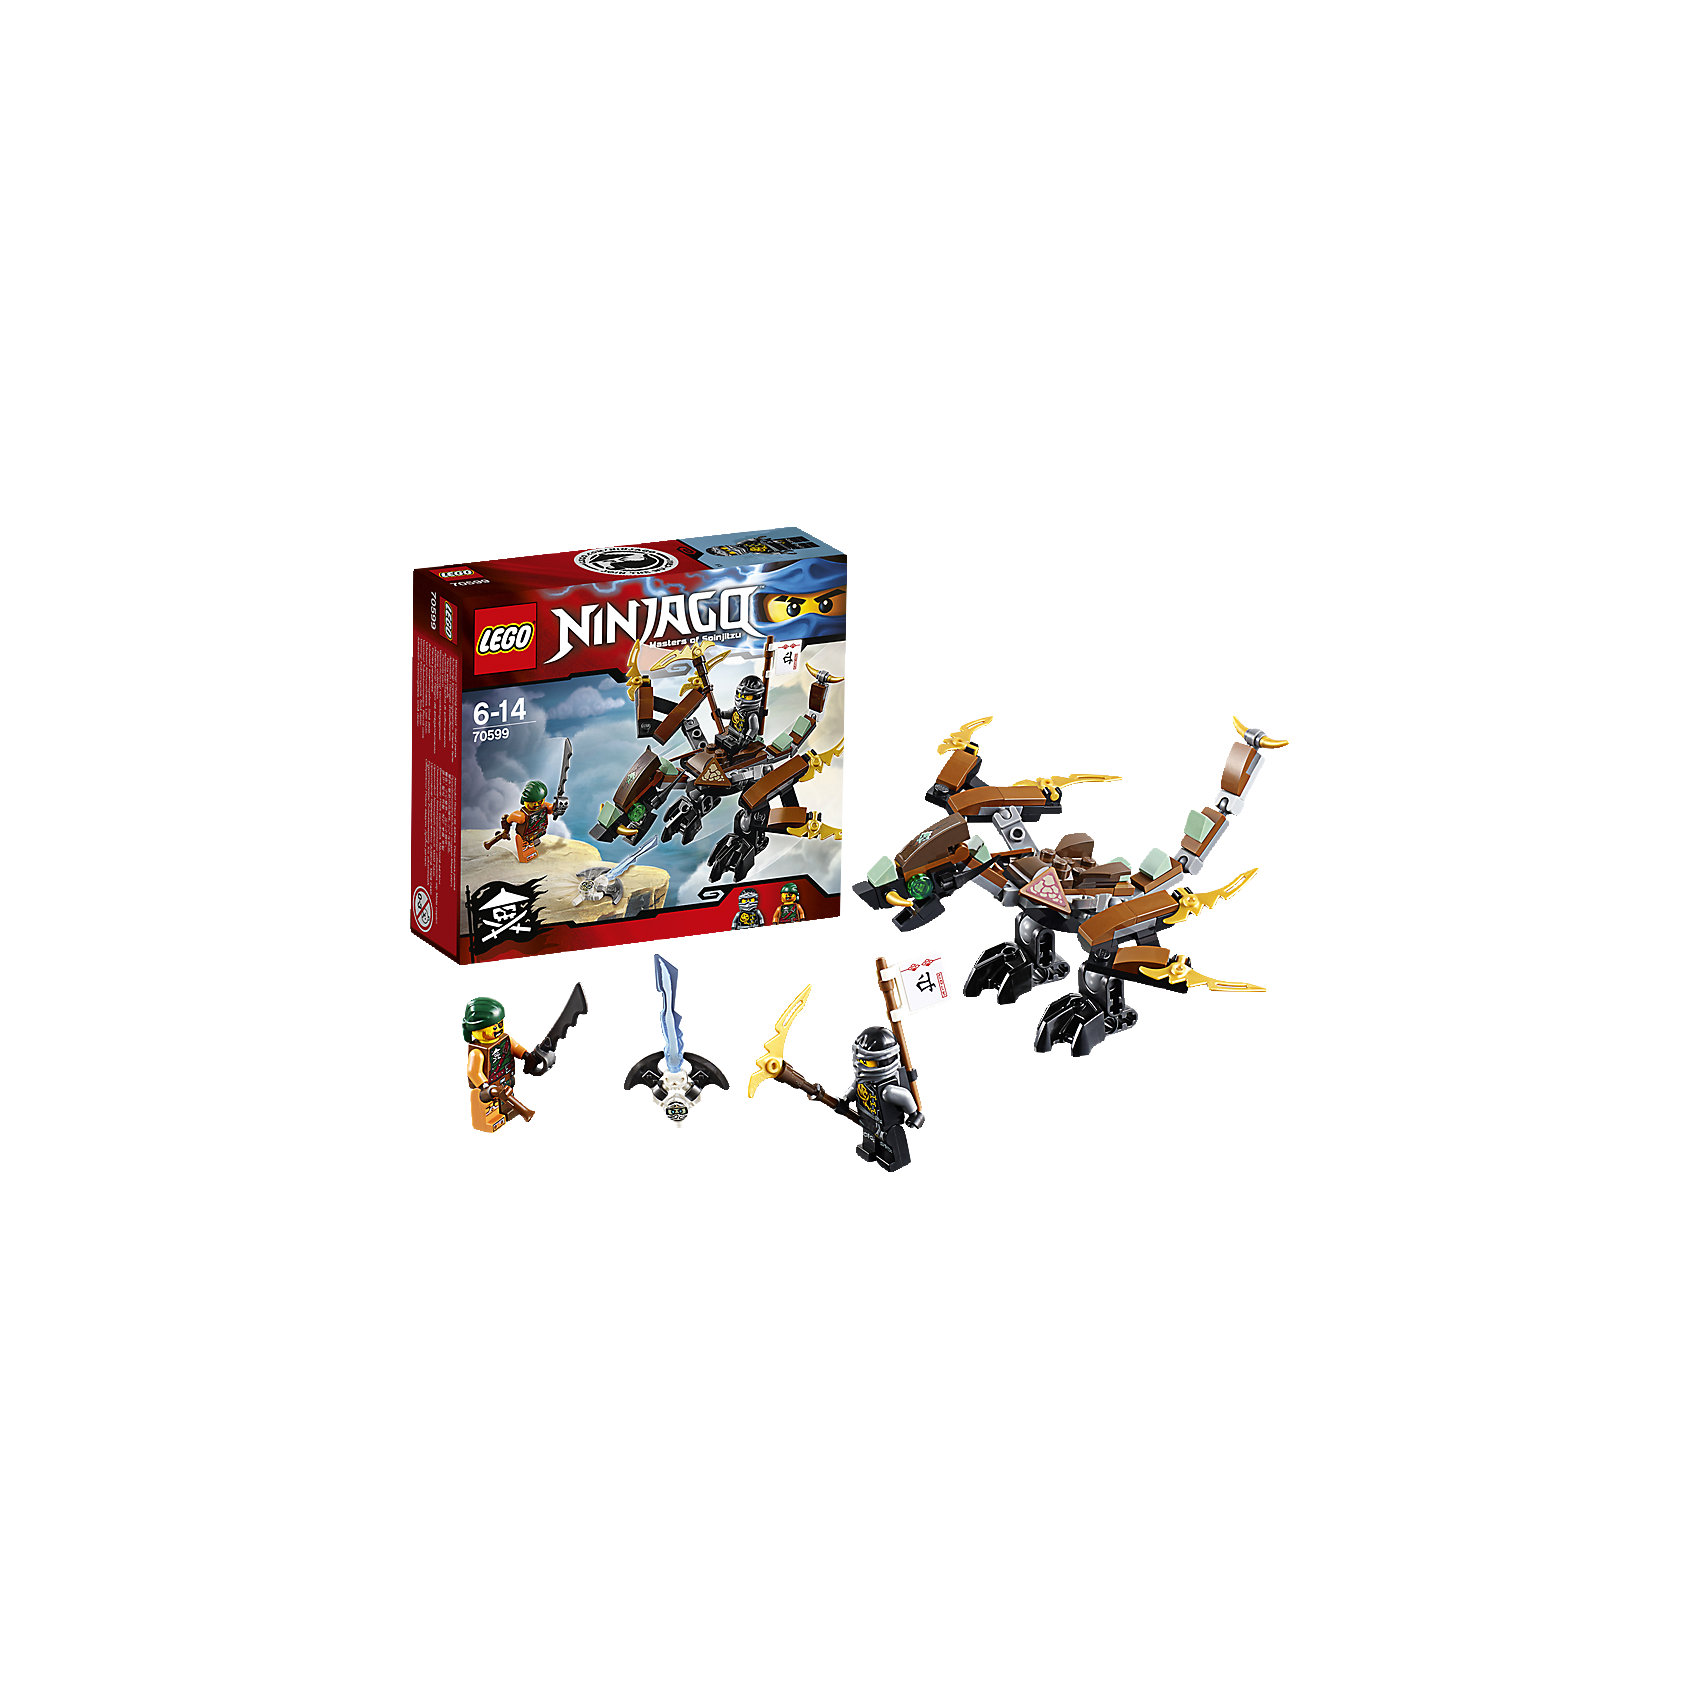 LEGO NINJAGO 70599: Дракон КоулаУстанови шею, крылья и ноги дракона в нужное положение и лети в атаку. Победи небесного пирата и освободи Зейна, заточённого в особый Джинн-клинок!<br><br>LEGO Ninjago (ЛЕГО Ниндзяго) - серия детских конструкторов ЛЕГО, рассказывающая о приключениях четырех отважных ниндзя и их сенсея, о противостоянии злу и победе добра. Наборы серии можно комбинировать между собой, давая безграничные просторы для фантазии и придумывая свои новые истории. <br> <br><br>Дополнительная информация:<br><br>- Конструкторы ЛЕГО развивают усидчивость, внимание, фантазию и мелкую моторику. <br>- Комплектация: 2 минифигурки, аксессуары, дракон.<br>- В комплекте 2 минифигурки.<br>- Количество деталей: 89.<br>- Серия ЛЕГО Ниндзяго (LEGO Ninjago)<br>- Материал: пластик.<br>- Размер упаковки: 15,7х4,5х14 см.<br>- Вес: 0.11 кг.<br><br>Конструктор LEGO Ninjago 70599: Дракон Коула можно купить в нашем магазине.<br><br>Ширина мм: 160<br>Глубина мм: 142<br>Высота мм: 48<br>Вес г: 108<br>Возраст от месяцев: 72<br>Возраст до месяцев: 168<br>Пол: Мужской<br>Возраст: Детский<br>SKU: 4259037